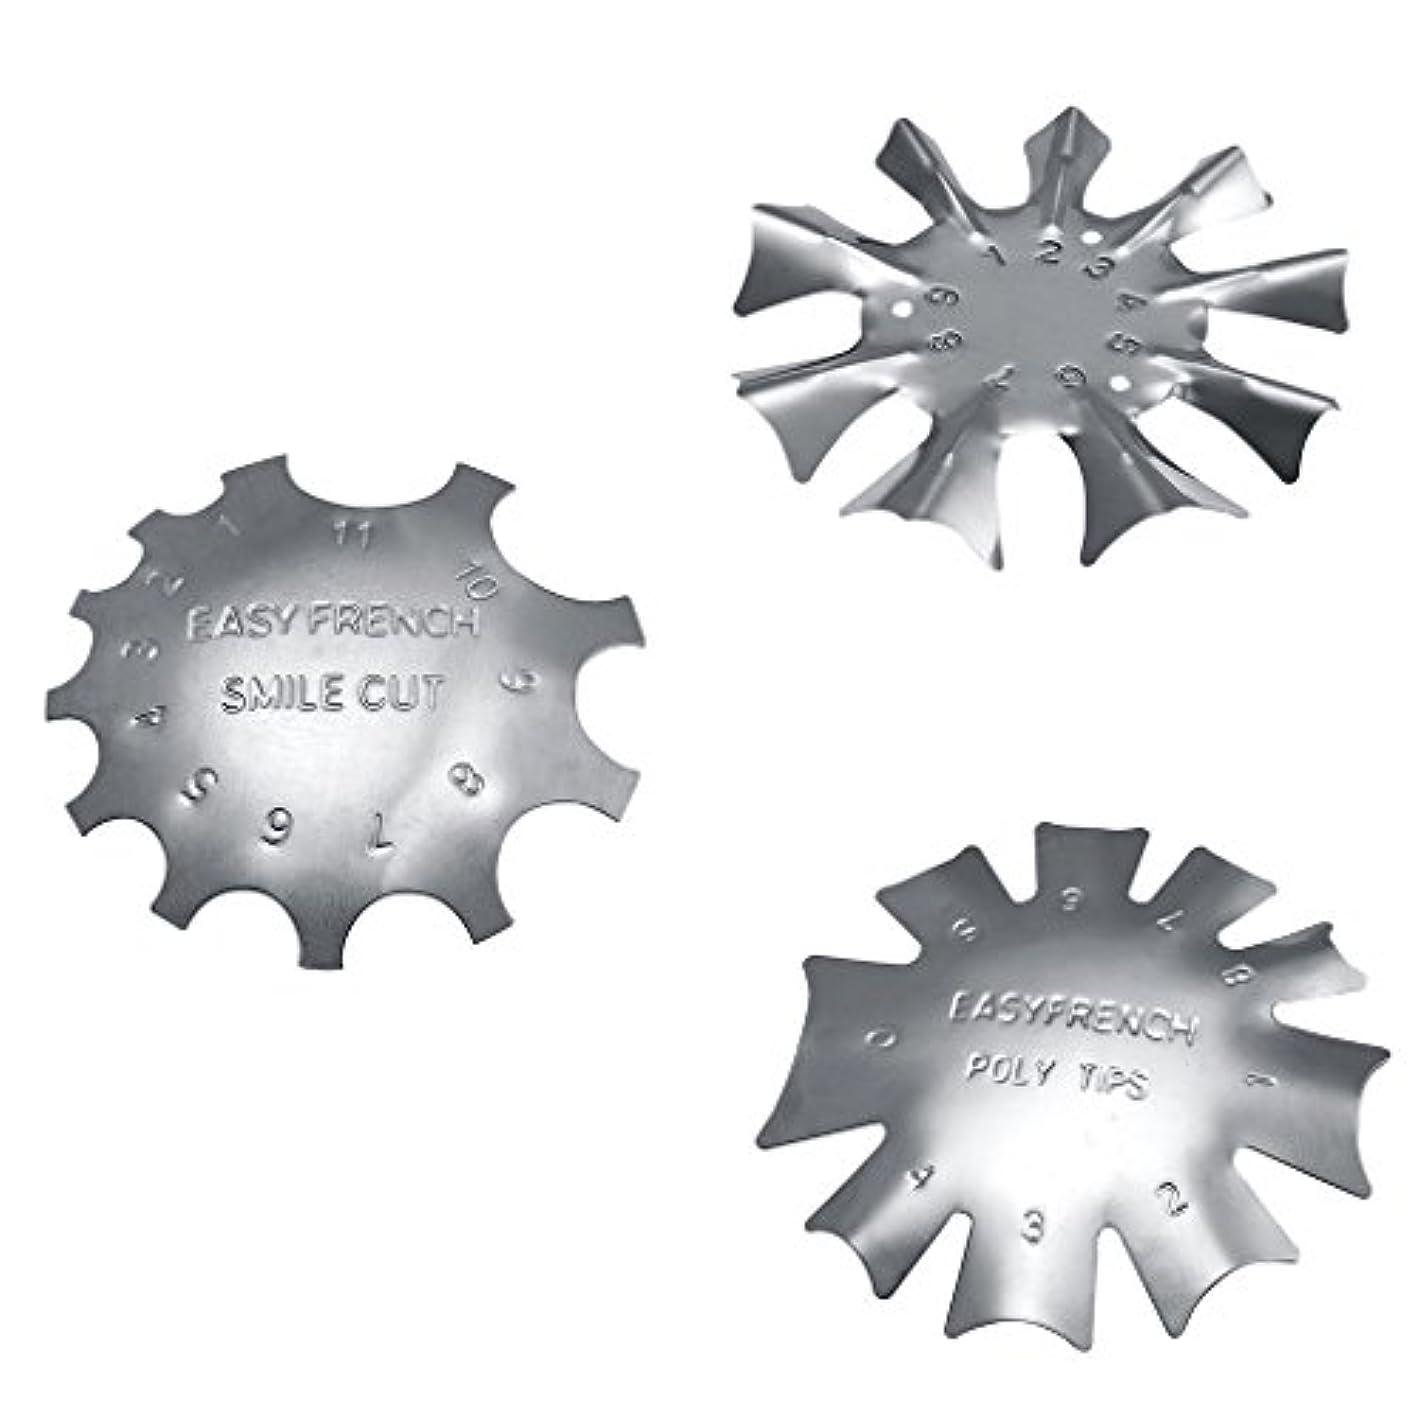 描写色合い不足Perfk フランス風 ネイルガイドツール 3タイプセット ネイルアート カットライントリマー 金属 ネイルテンプレート